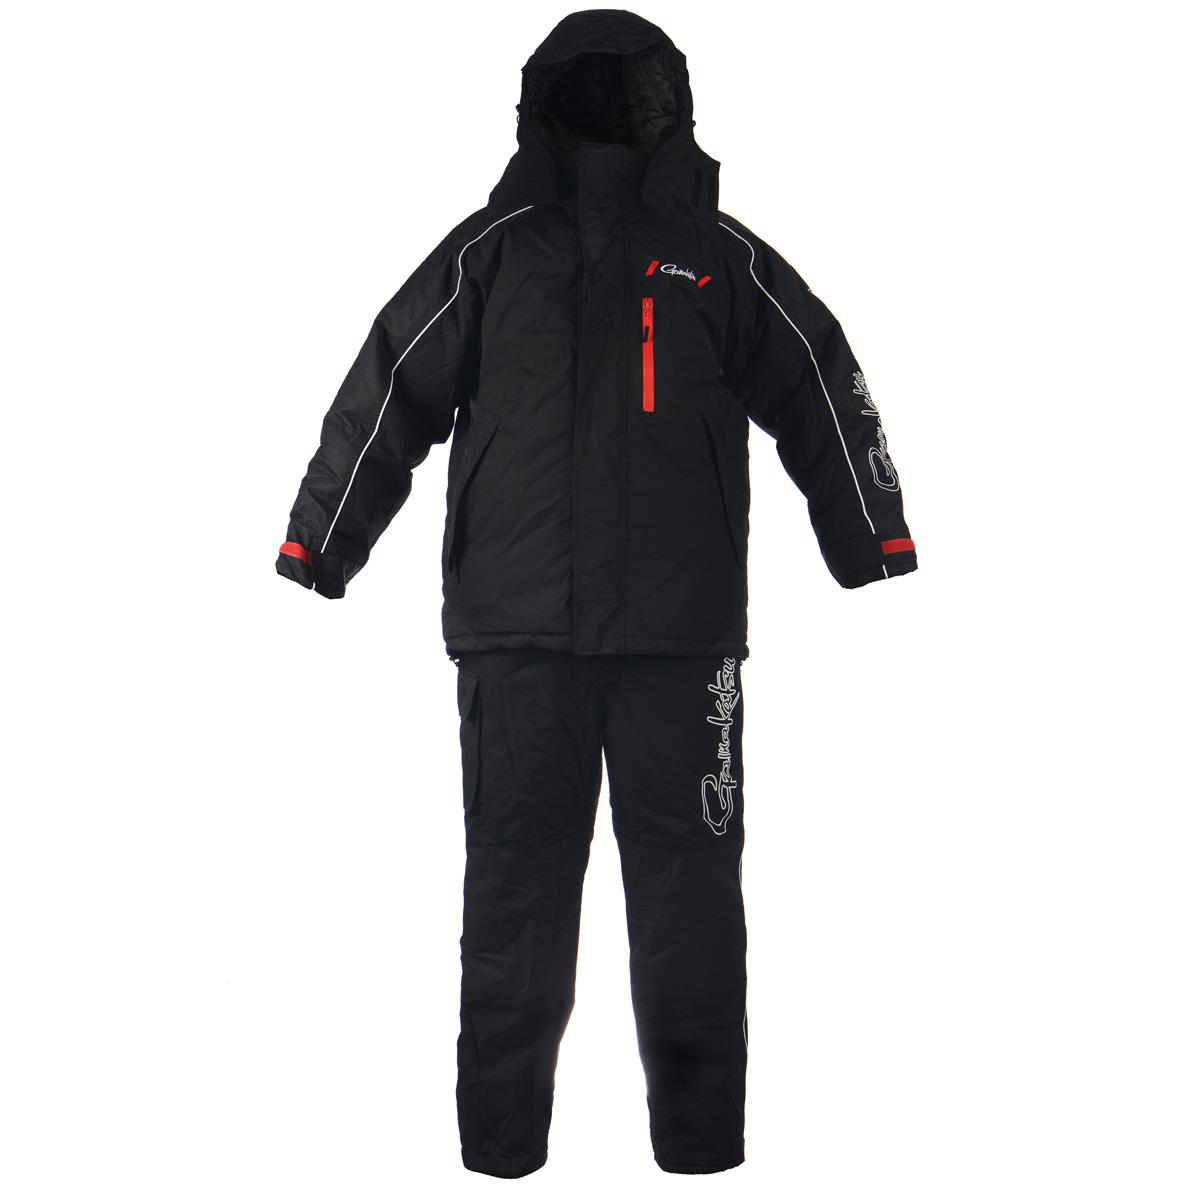 Комплект мужской Gamakatsu: куртка, полукомбинезон, цвет: черный. 0041119. Размер XXL (54/56)0041117Теплый мужской комплект Gamakatsu, состоящий из куртки с подстежкой Ultralight и полукомбинезона,предназначен для сурового климата с экстремально низкими температурами (от -5°С до -50°С). Верхний материал выполнен из 100% нейлона, подкладка и утеплитель из 100%полиэстера. Куртка с капюшоном застегивается на пластиковую застежку-молнию с двойнымбегунком и дополнительно имеет две внешних планки, застегивающихся на липучки.Предусмотрен капюшон, пристегивающийся с помощью застежек-кнопок и дополненныйэластичным шнурком на стопперах. Капюшон фиксируется под подбородком клапаном налипучки. Для большего комфорта основная подкладка выполнена из мягкого и теплогофлиса. Рукава дополнены внутренними эластичными манжетами с хлястиками на липучках,а также внешними хлястиками на липучках, с помощью которых можно регулироватьобхват рукавов понизу. На груди предусмотрен вместительный прорезной карман назастежке-молнии, также спереди имеются еще два прорезных кармана на молниях. Сизнаночной стороны куртки расположен накладной карман на застежке-молнии. Понизупроходит скрытая эластичная резинка со стопперами. В комплект входит подстежка Ultralight,выполненная в виде утепленной куртки из нейлона, на подкладке из полиэстера. В качествеутеплителя также используется полиэстер. Подстежку можно носит в прохладную погоду,как куртку. Подстежка пристегивается к изнаночной стороне куртки с помощьюпластиковых застежек-молний. Теплый полукомбинезон с грудкой застегивается на пластиковую застежку-молнию,закрытую сверху ветрозащитной планкой на липучках и застежке-кнопке. Также имеютсянаплечные лямки, регулируемые по длине. На талии по спинке предусмотрена вшитаяэластичная резинка, которая позволяет надежно заправить свитер. Спередипредусмотрены три прорезных кармана на застежках-молниях. Также сбоку имеетсявместительный накладной карман на длинной липучке. Низ брючин можно регулироватьпо ширине с п